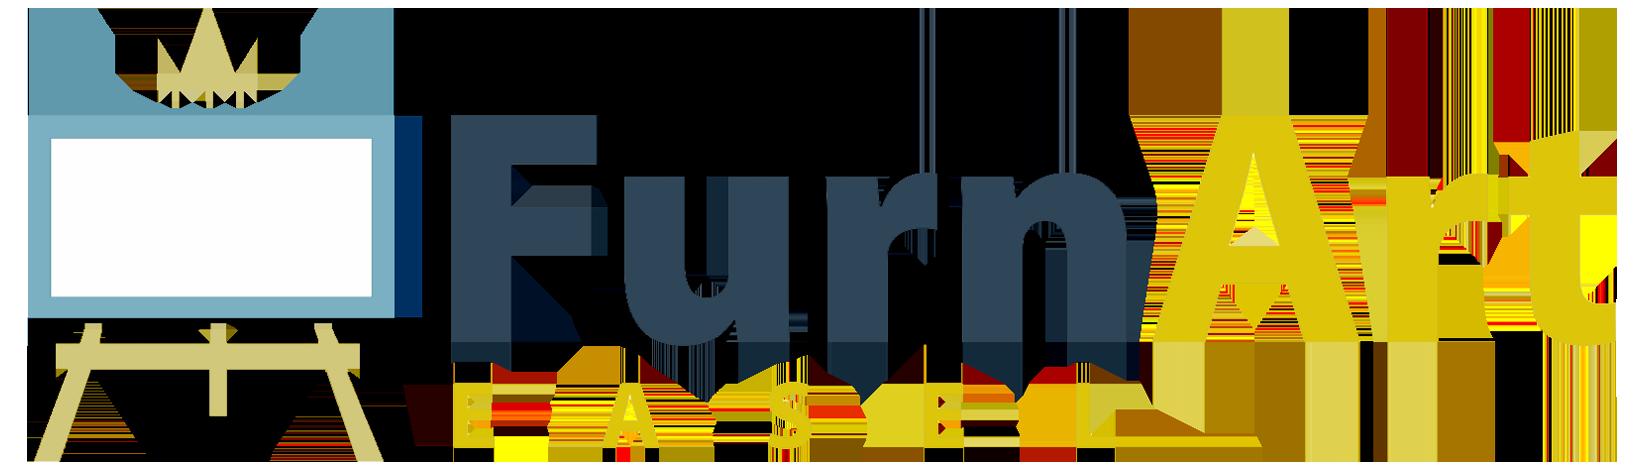 FurnArt Easel